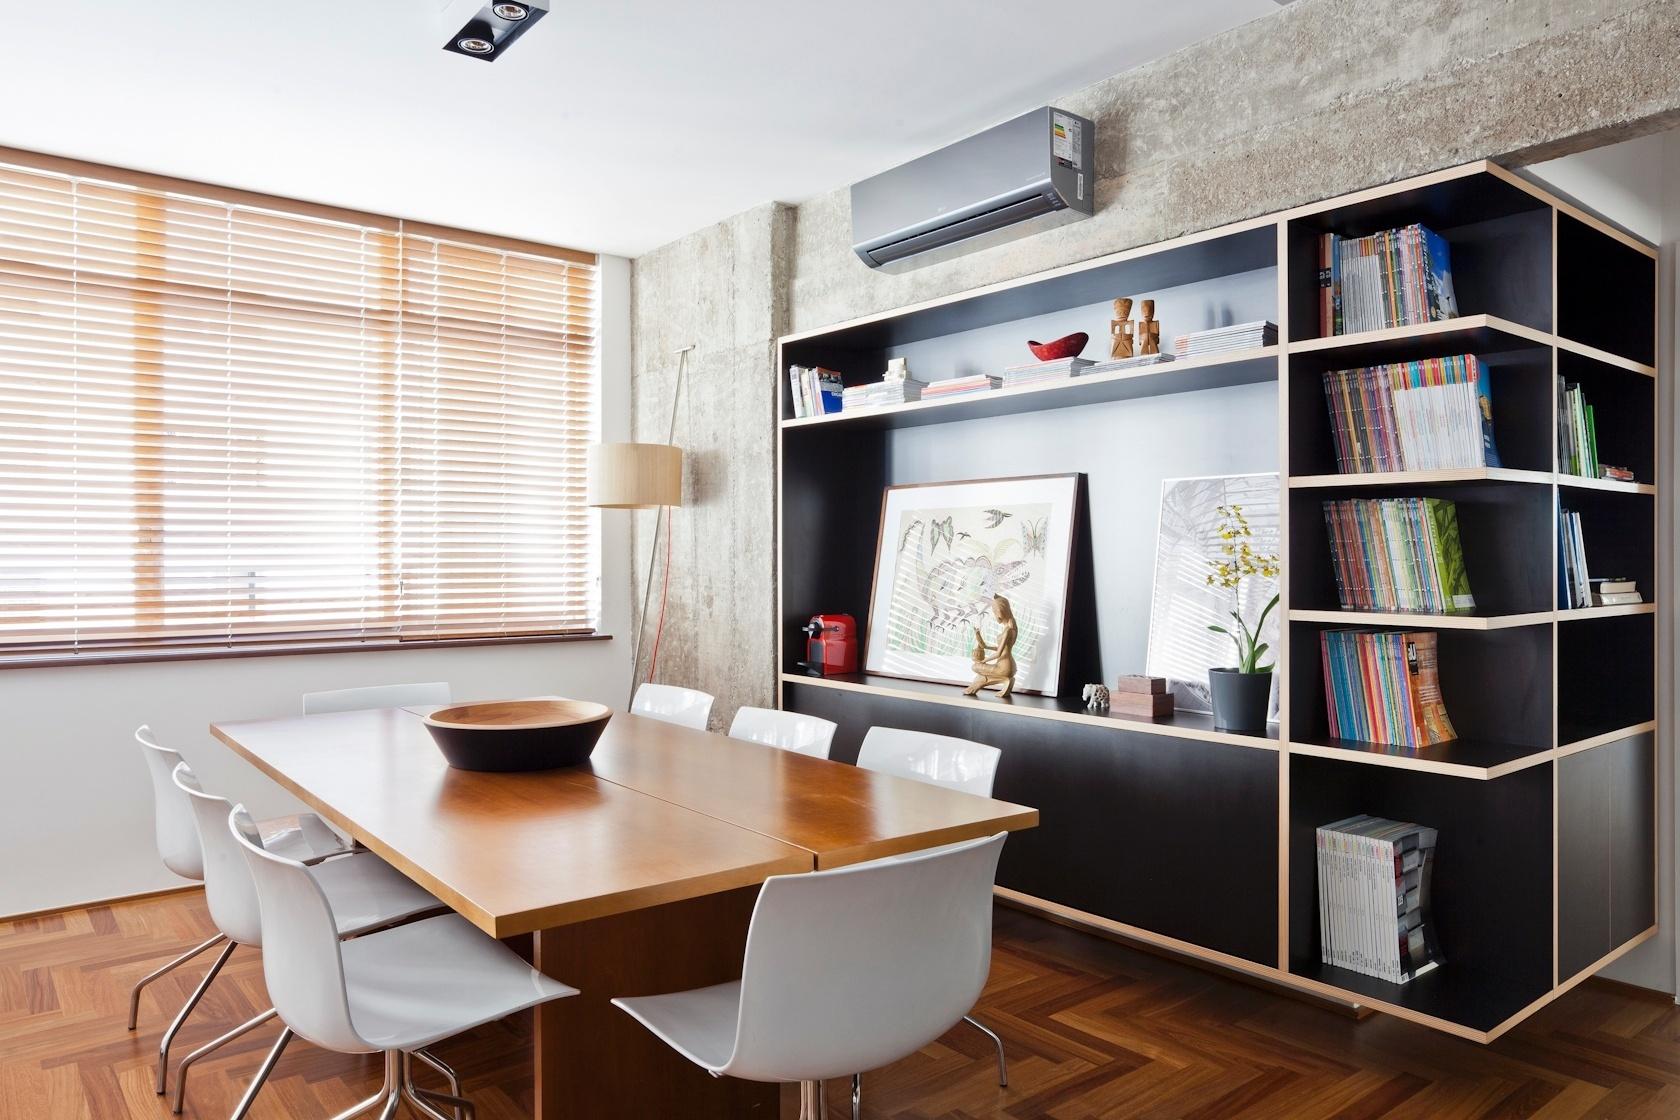 A sala de jantar do apartamento de 160 m2 no Paraíso, zona sul de São Paulo, recebeu uma divisória estante revestida com laminado melamínico, que junto do tampo da mesa de jantar foi desenvolvida no próprio escritório do arquiteto Renato Dalla Marta, do AUM Arquitetos. O arquiteto também manteve vigas e pilares de concreto aparentes e revestiu o piso com assoalho de cumaru